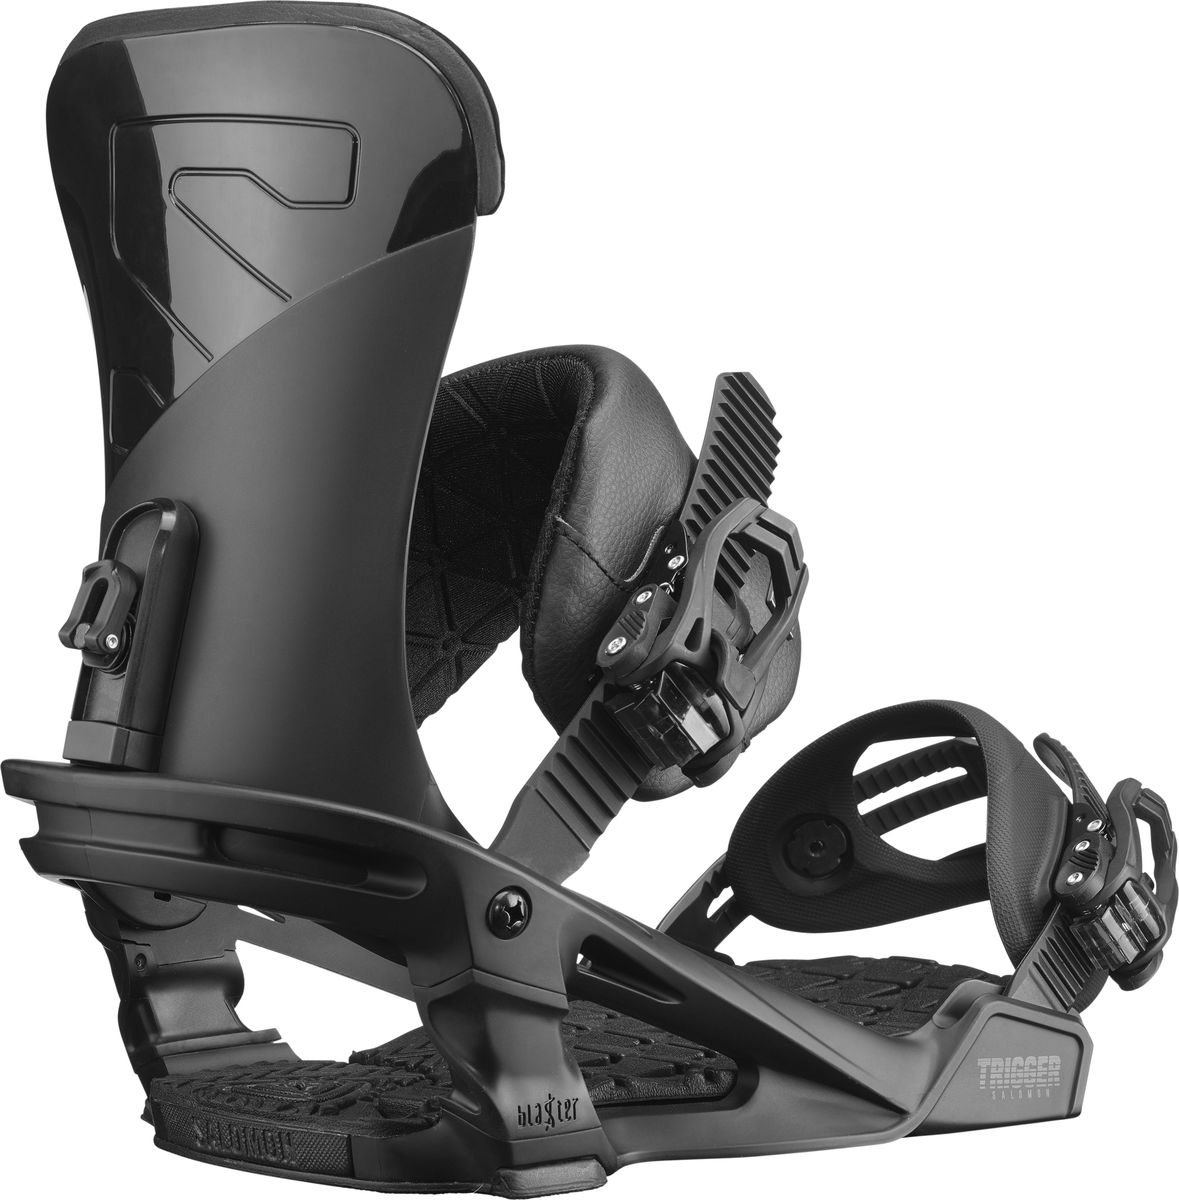 Крепления для сноуборда Salomon Trigger, цвет: черный. Размер L (44-50)